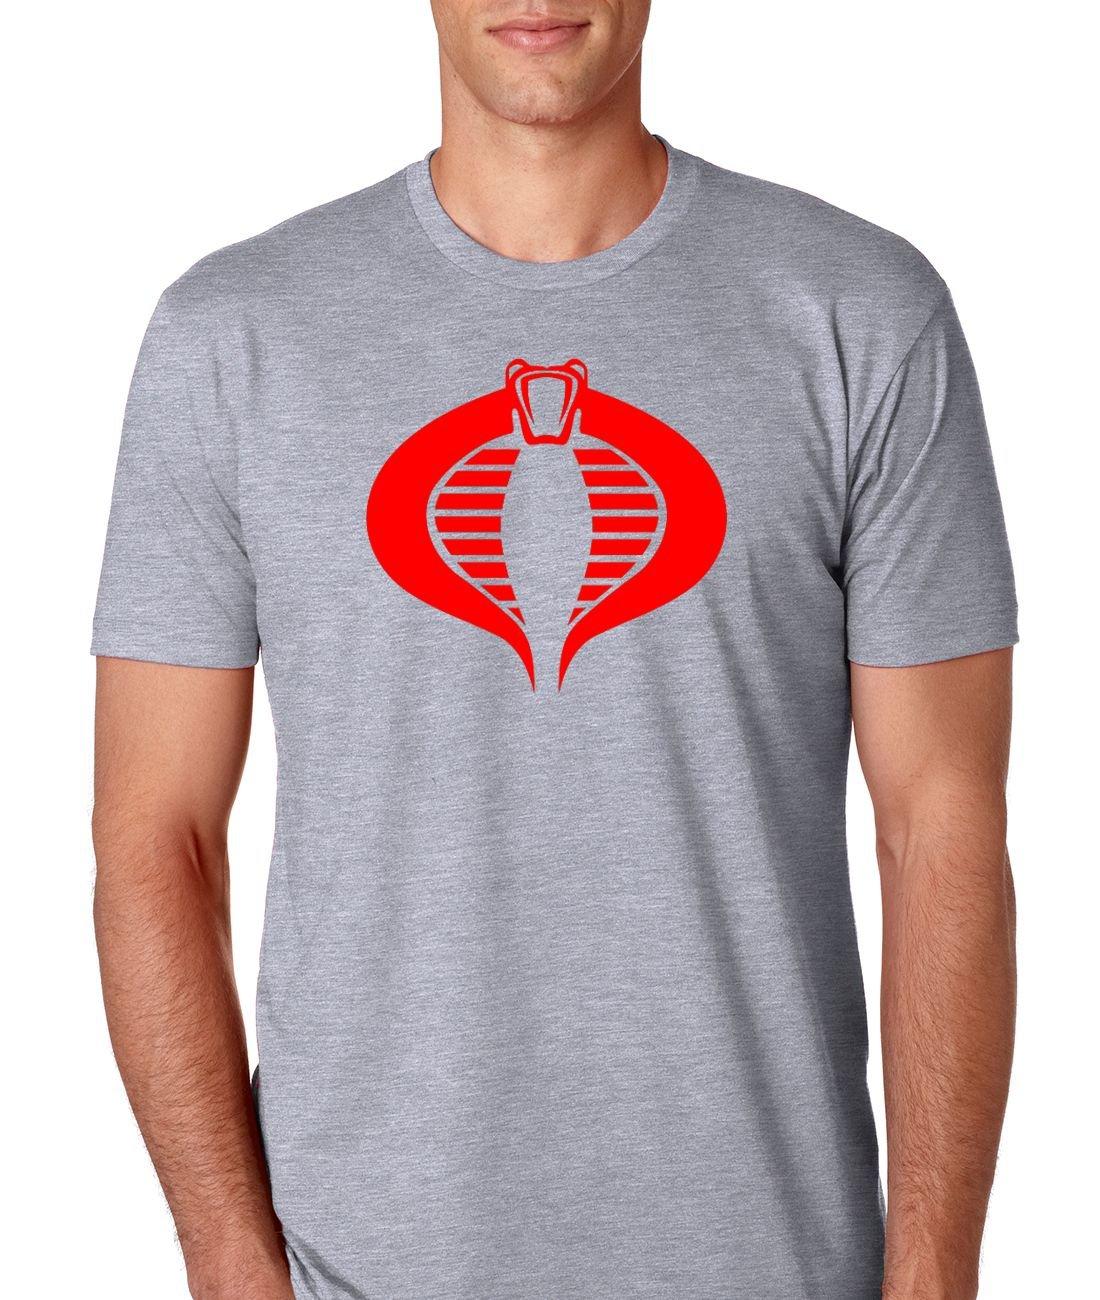 6d1127d89 G.I. Joe Men's Cobra T-Shirt (Small, Heather Grey)